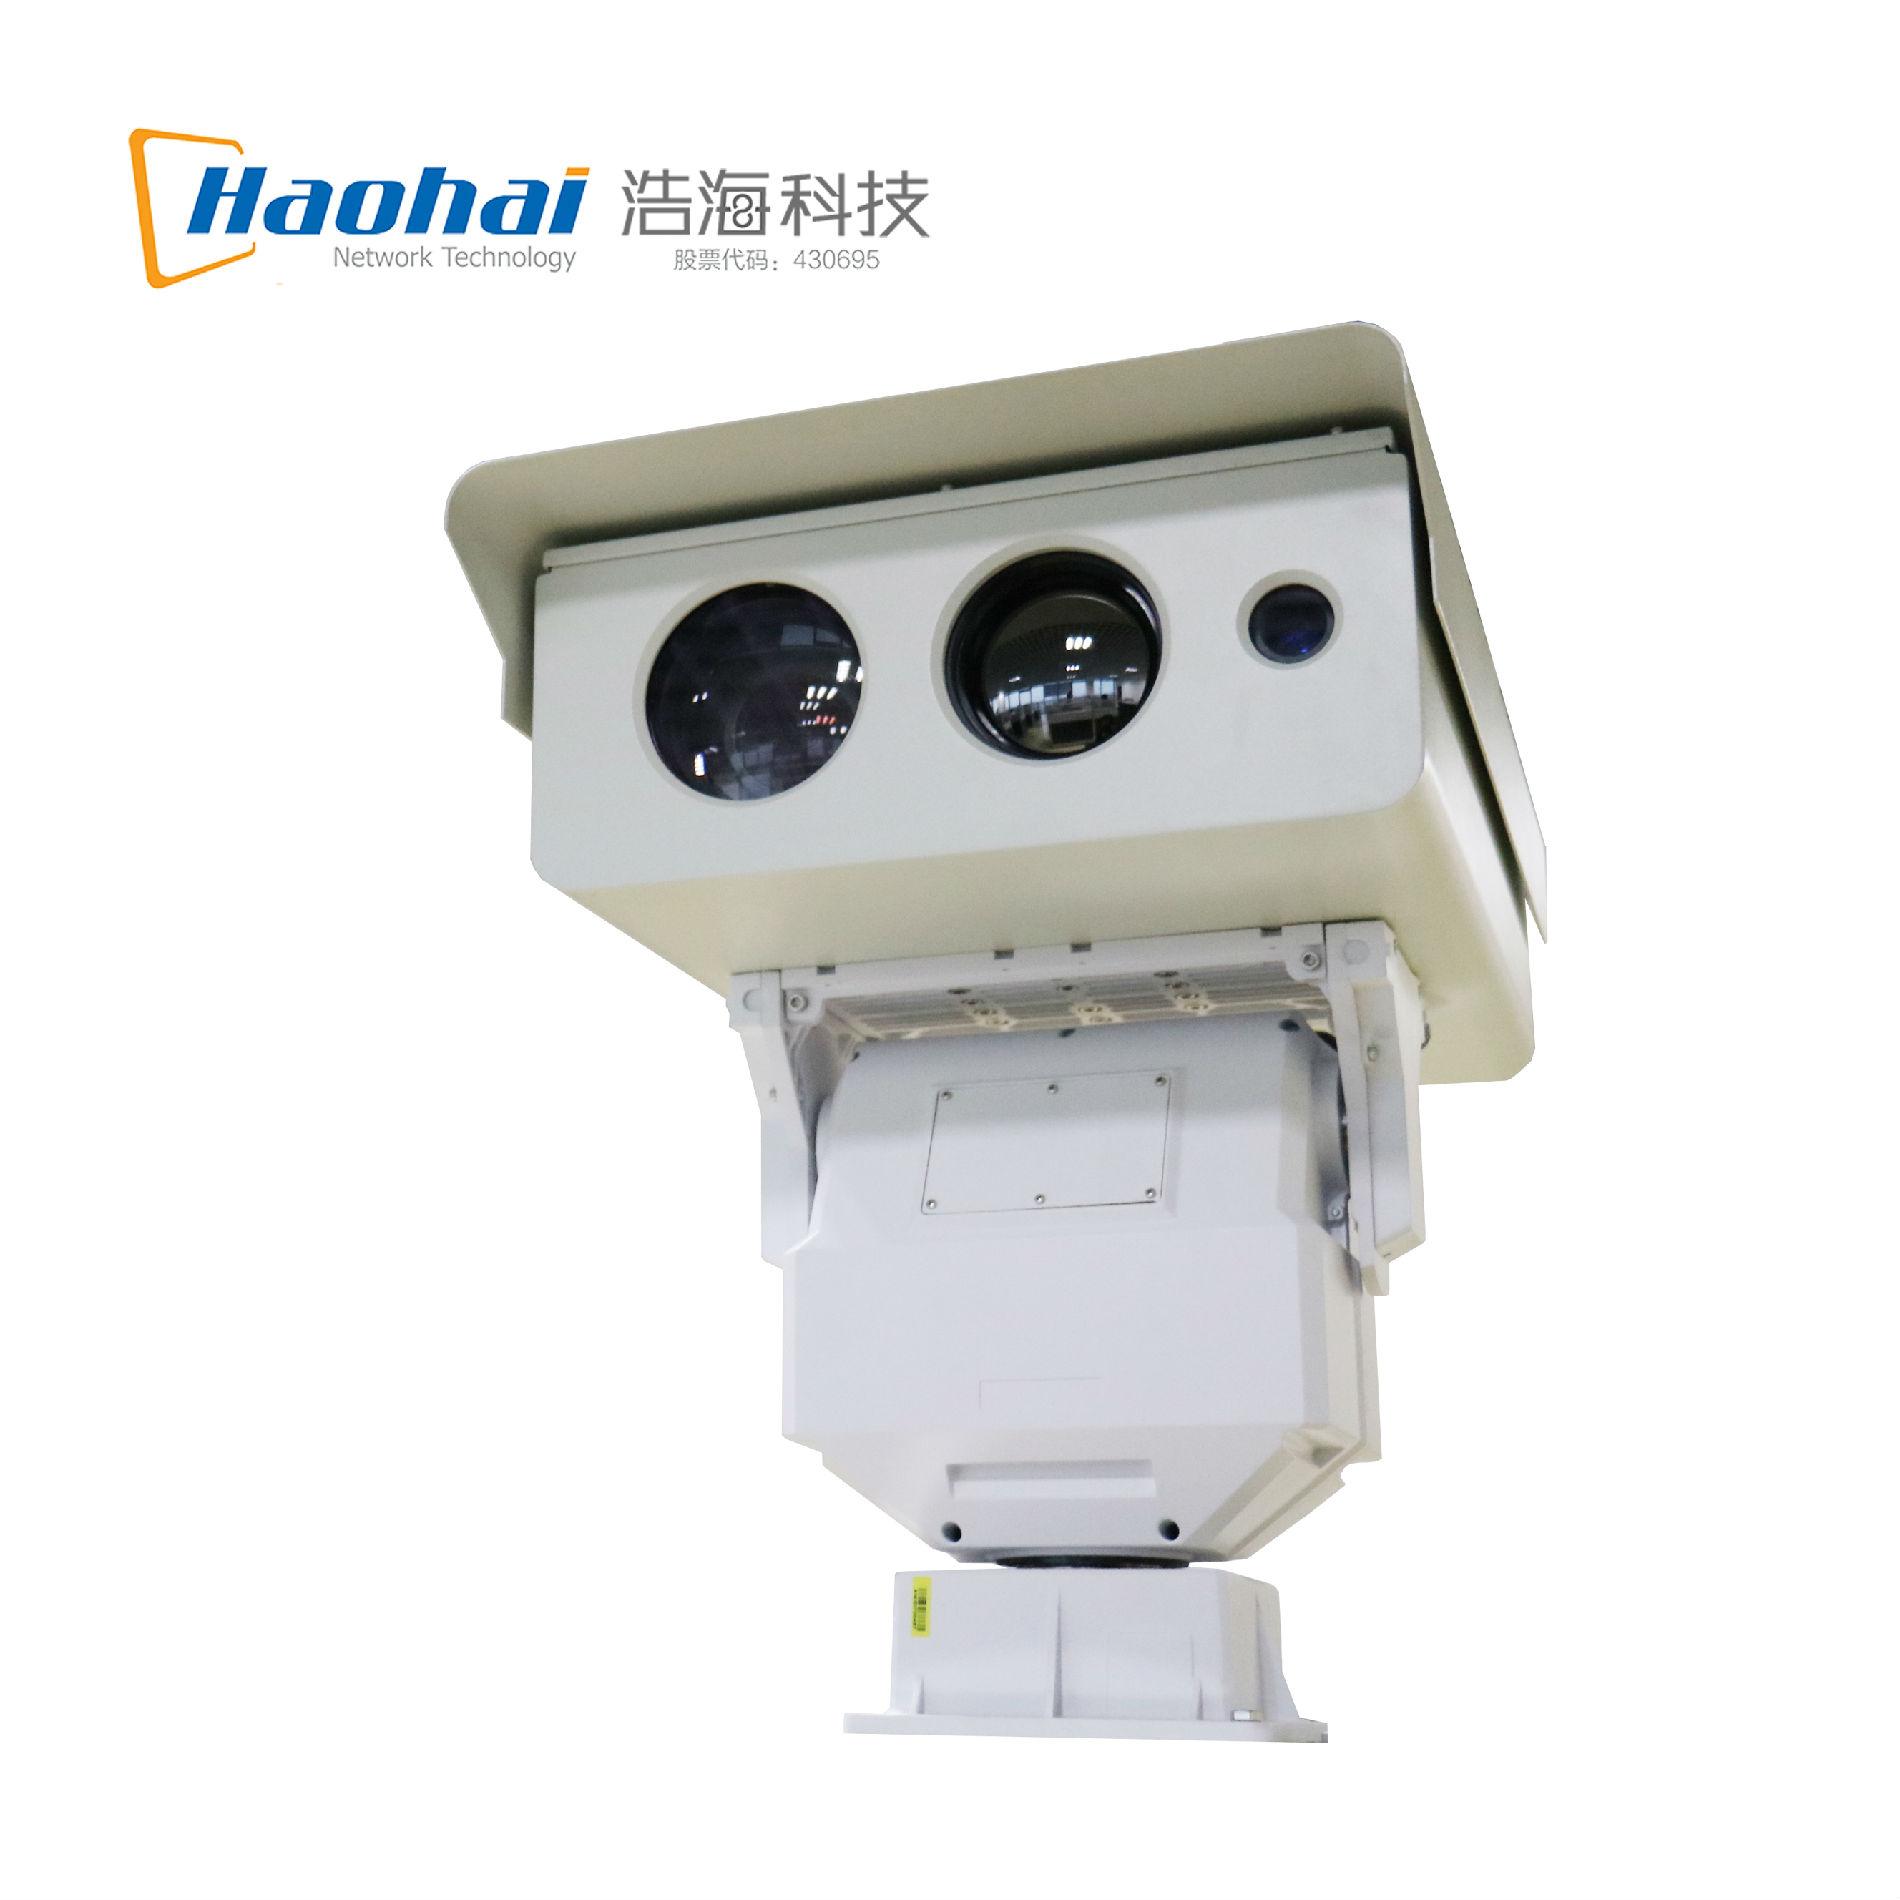 林海卫士三光谱智能监控摄像机